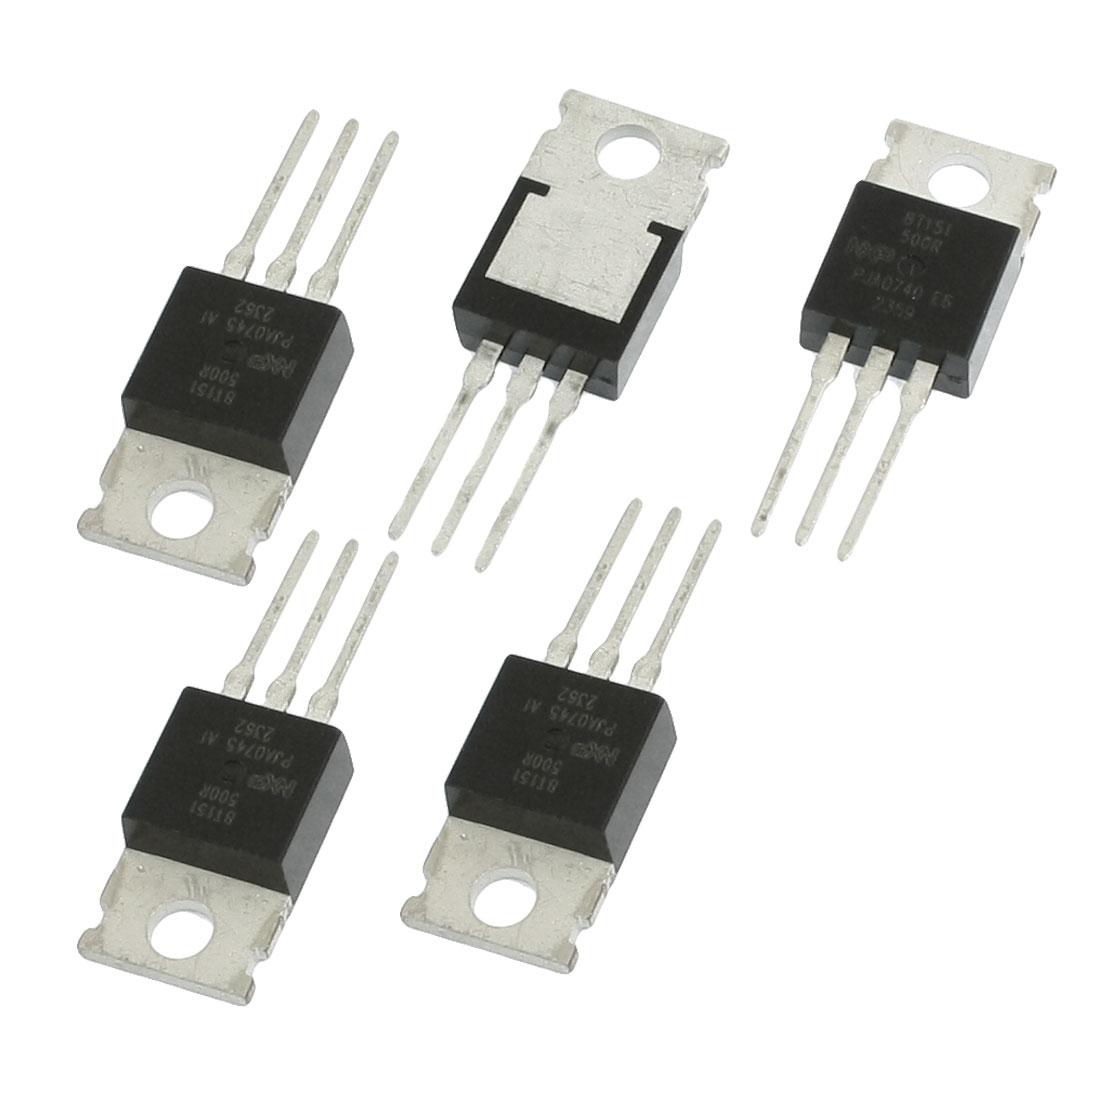 5 Pcs BT151-500R 12A 500V Thyristors for Motor Control Black Silver Tone